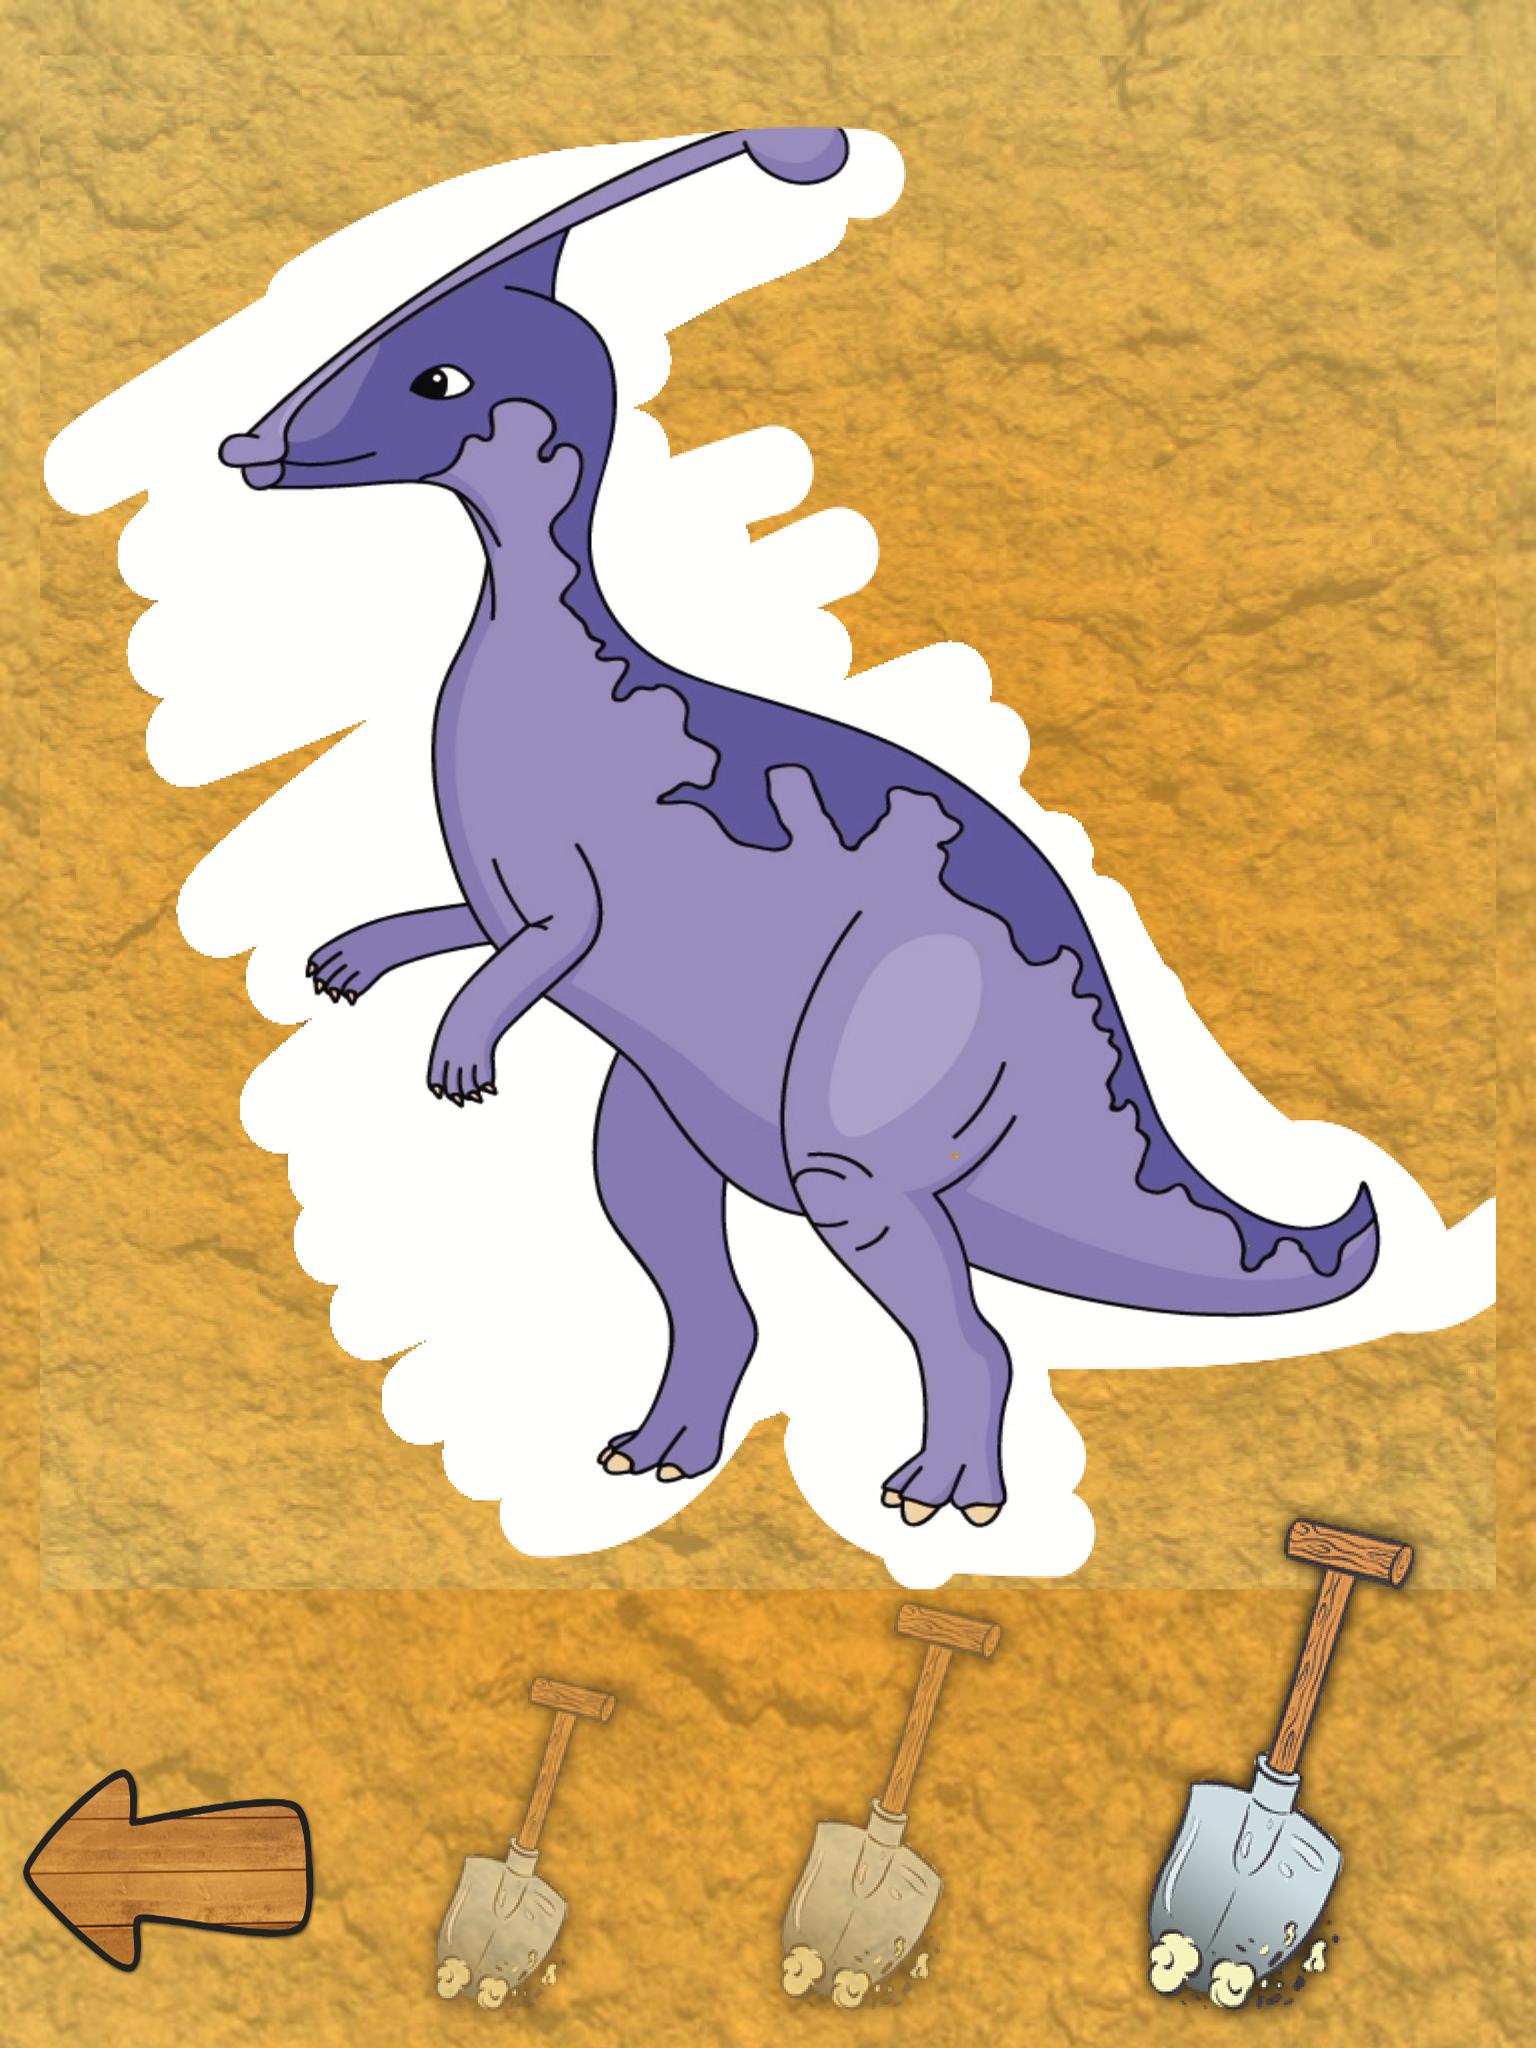 该款画画游戏特点:  各种趣味侏罗纪世界形象如暴龙霸王龙和恐龙世界乐园等供宝宝儿童们选择。  孩子们可以用手指涂手涂色绘画,学习色彩搭配的早教益智游戏。  宝宝儿童可以选取调色盘里的各种色彩铅笔蜡笔绘画涂色涂手游戏。 这款儿童早教益智游戏简书适合3-6岁的宝宝或者年龄更大一些喜欢绘画的孩子们。尤其是喜欢侏罗纪公园动物世界暴龙萌龙霸王龙的孩子们。有宝宝儿童在家的爸爸妈妈们和喜爱绘画恐龙世界乐园动物的孩子们快来在这个应用里享受绘画的乐趣,感受侏罗纪公园的魅力色彩吧! 这是一本适合3-6岁儿童早教益智的恐龙